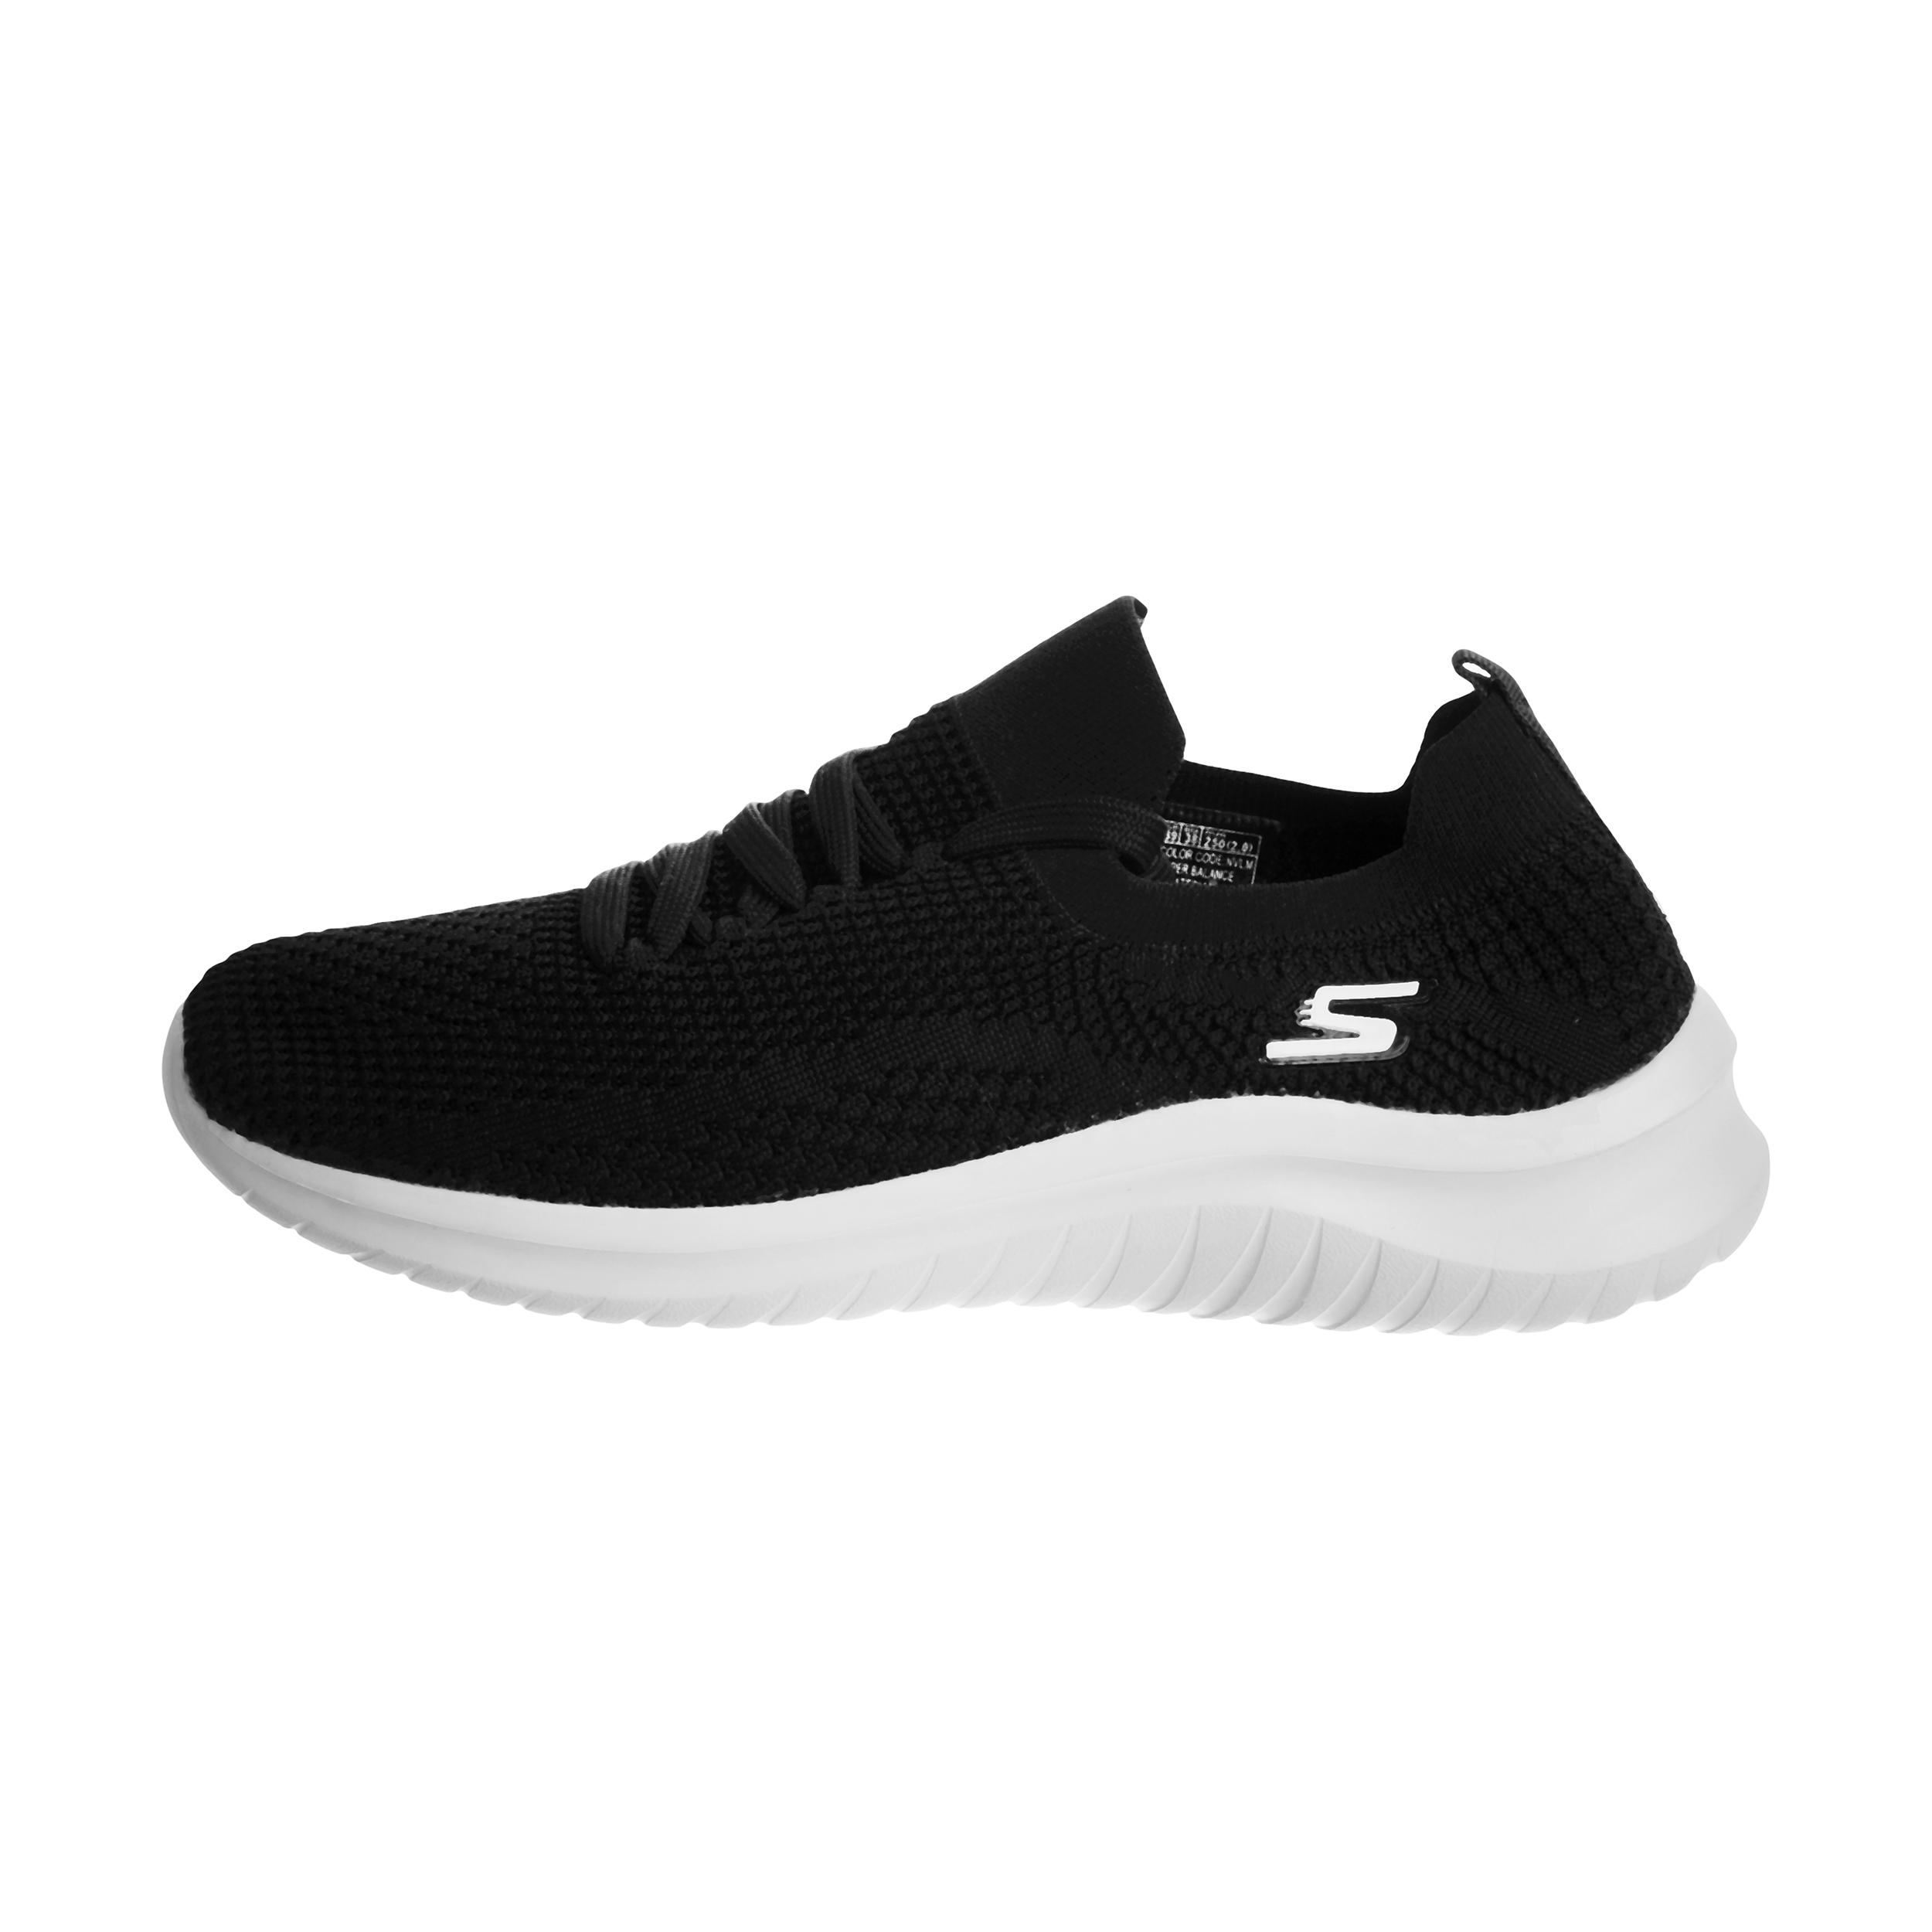 فروش                     کفش راحتی اسکچرز مدل  Air - cooled  کد  GH-86912